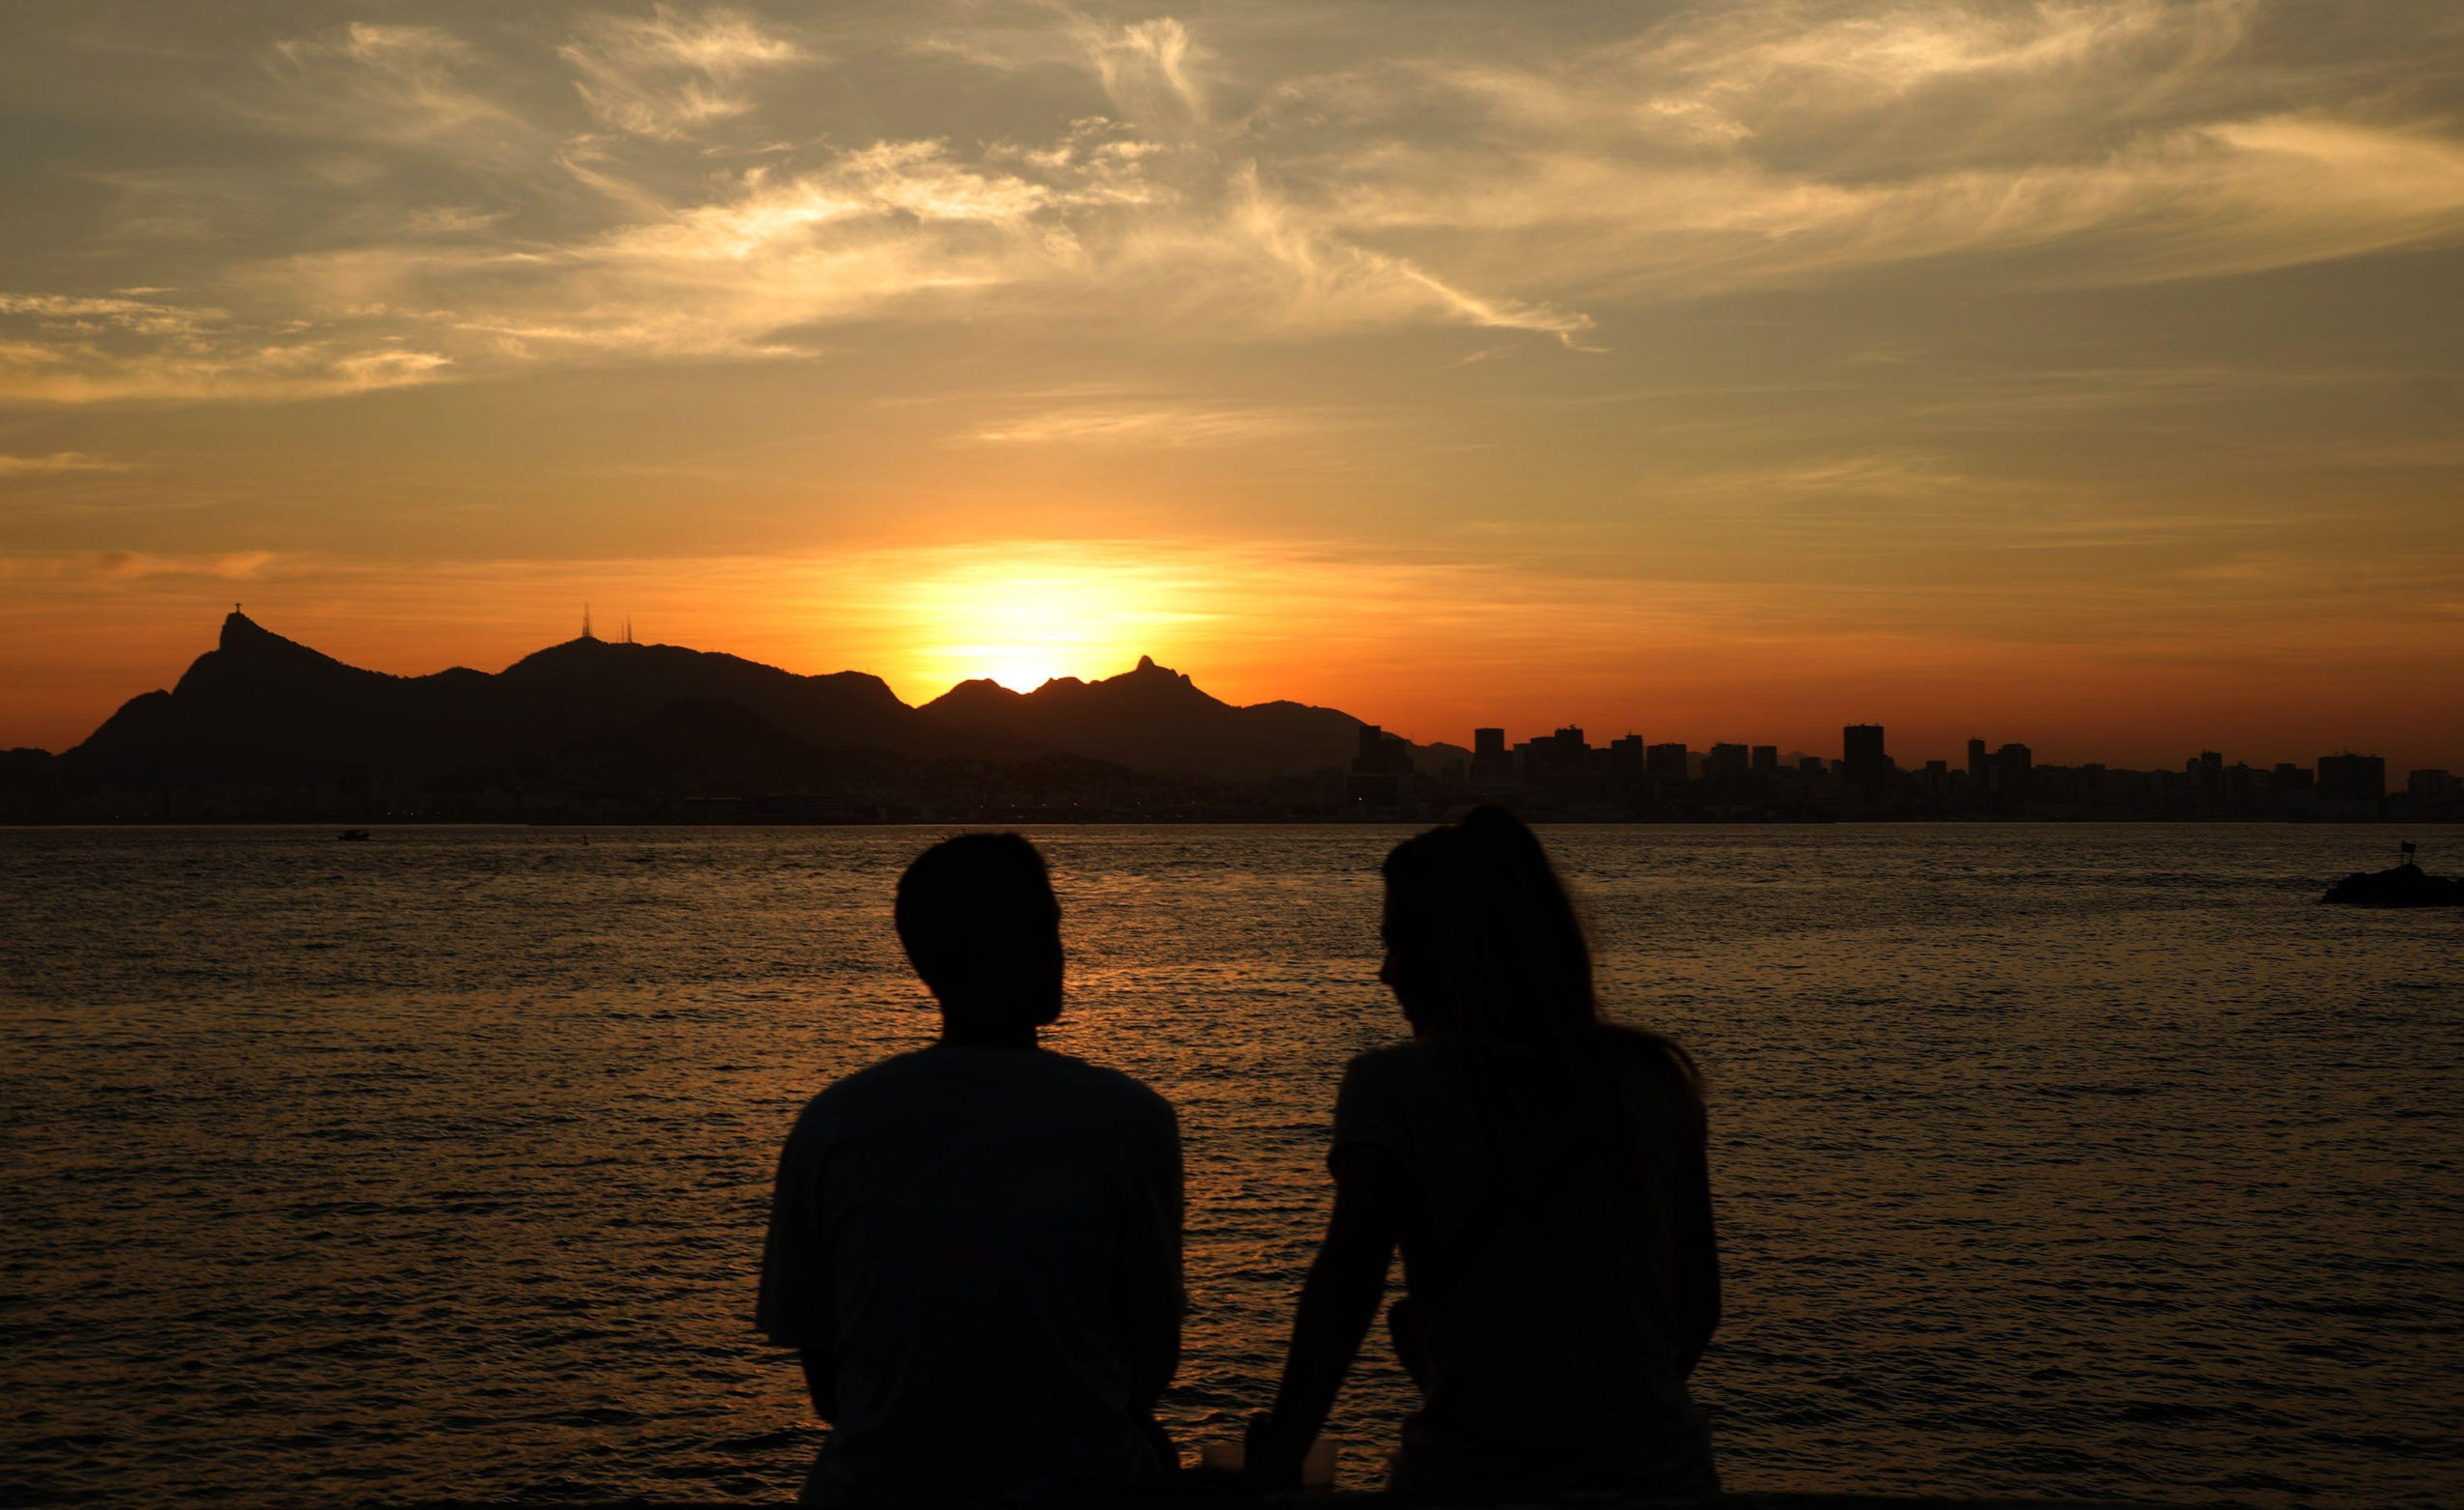 Vista del atardecer hoy en la Bahía de Guanabara en Rio de Janeiro (Brasil). EFE/Fabio Motta